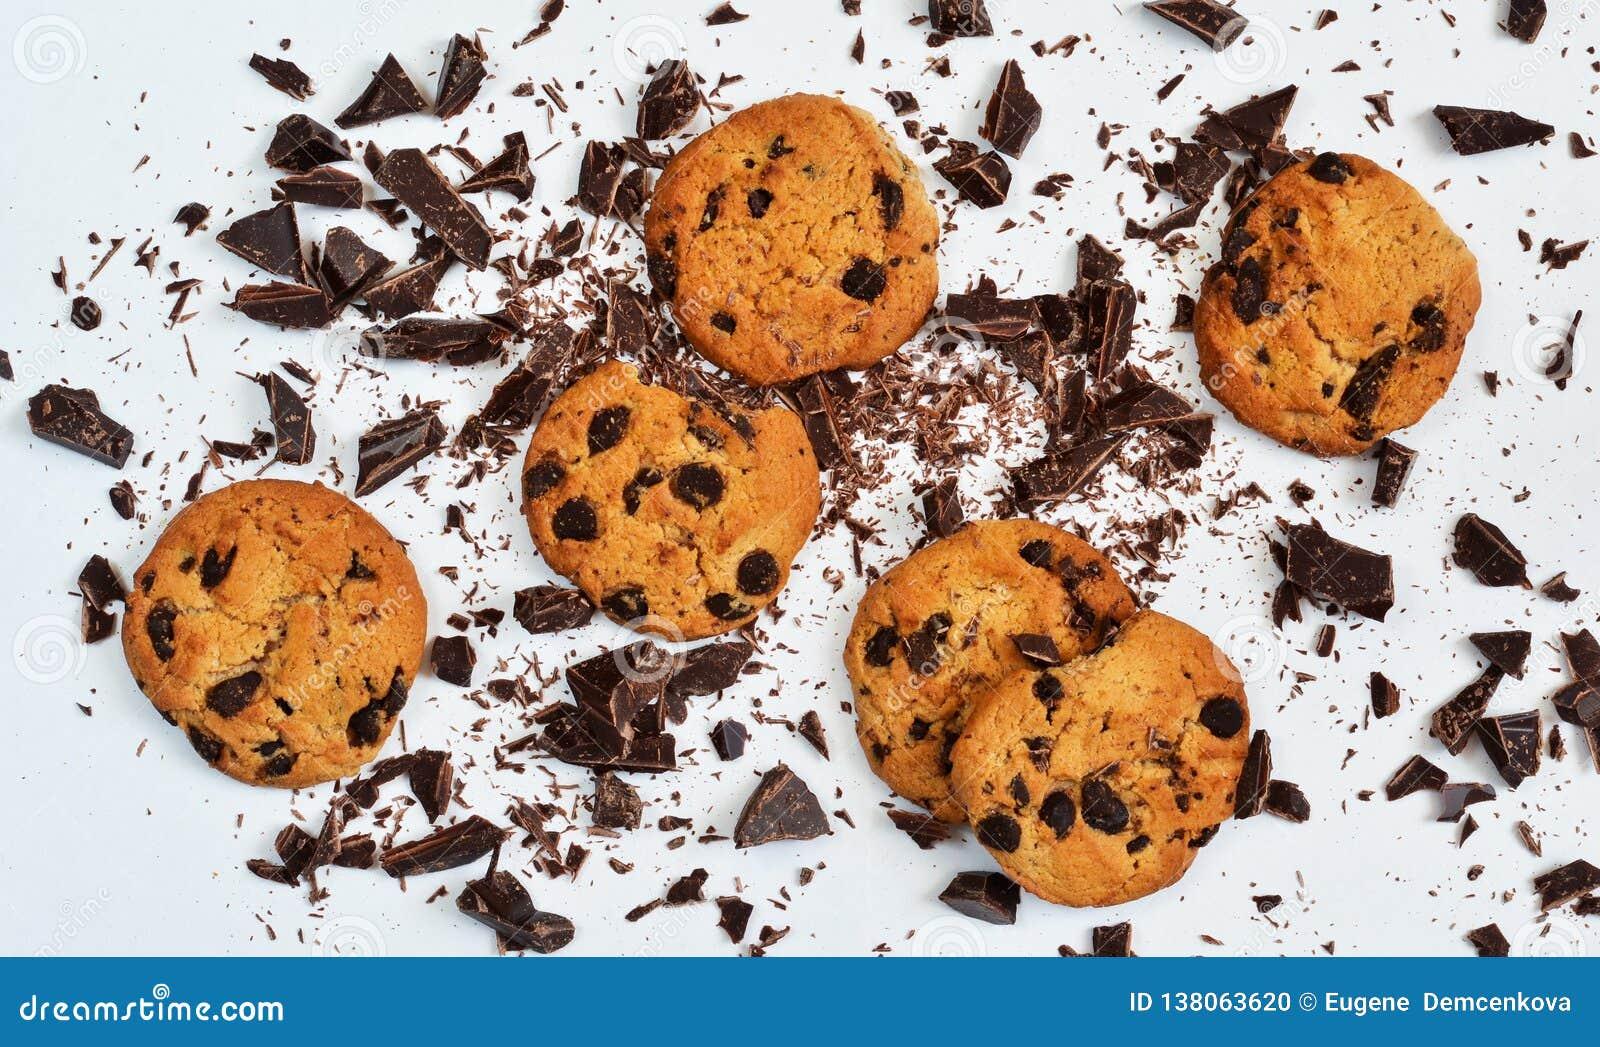 Biscoito amanteigado com chocolate em um fundo branco